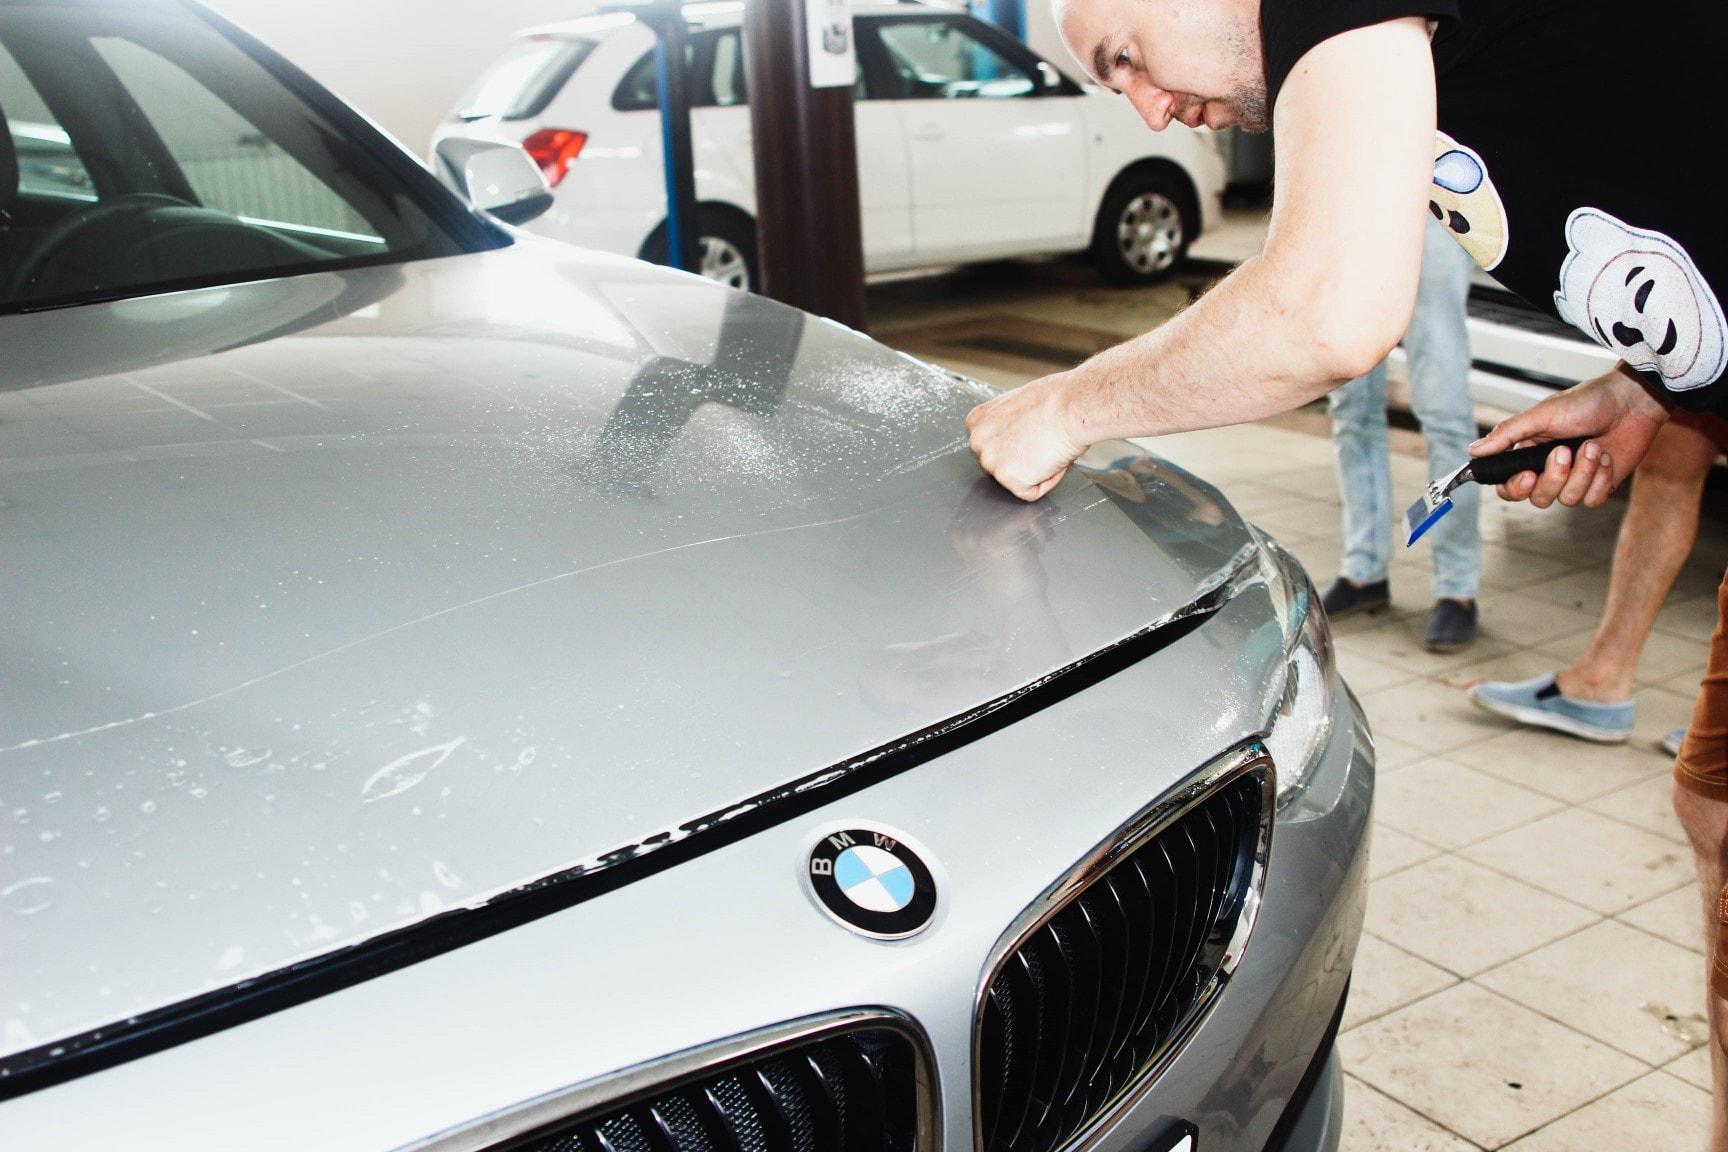 Процесс оклейки капота автомобиля BMW GT 320i антигравийной полиуретановой пленкой Hogomaku